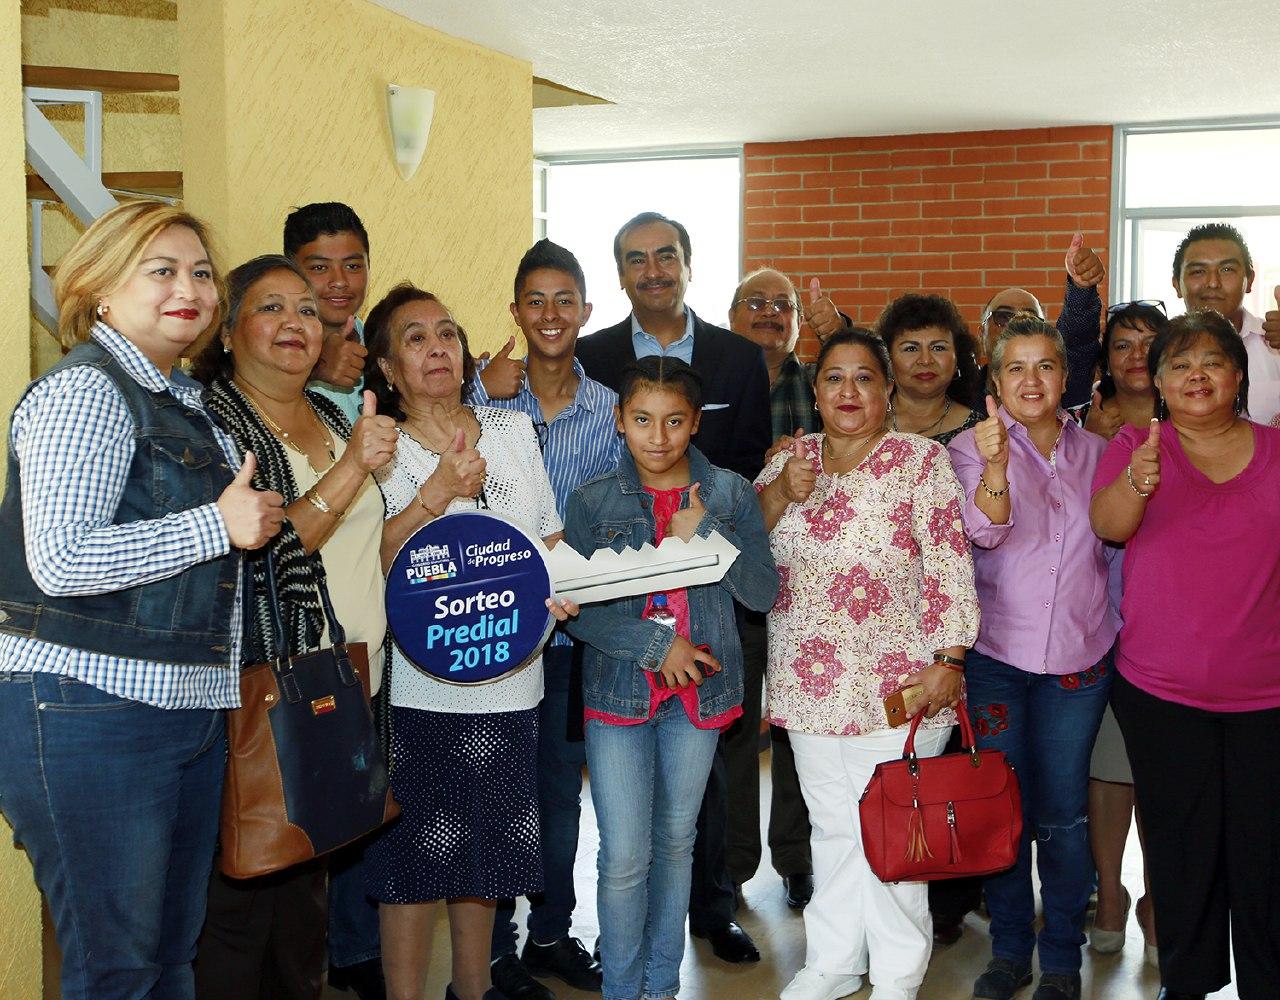 Concluye ayuntamiento de Puebla premiación del Sorteo Predial 2018